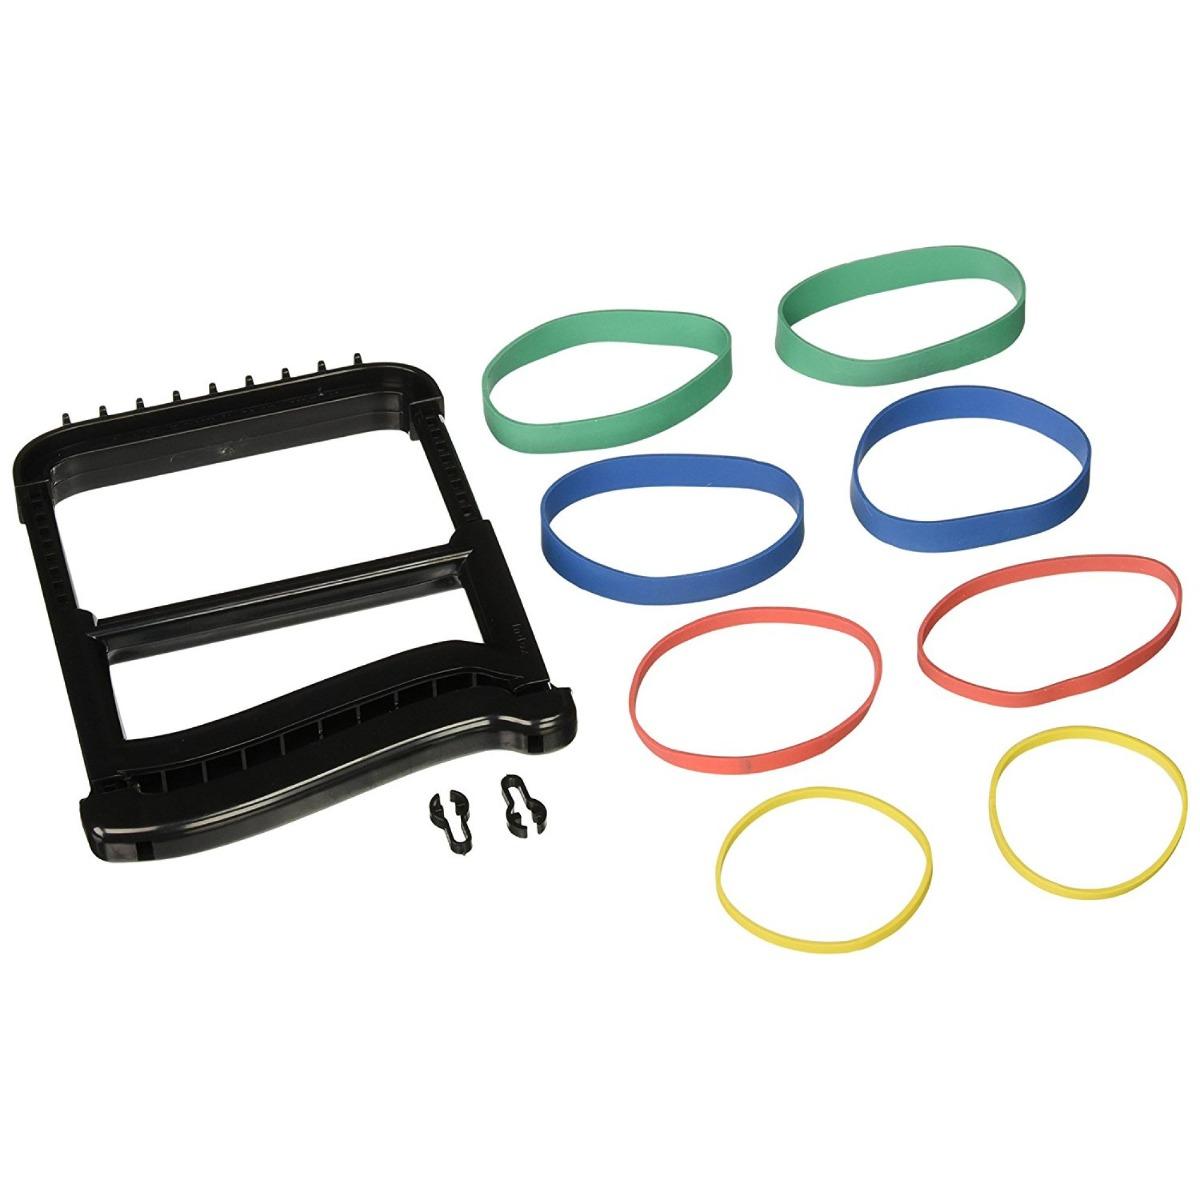 Rolyan Basic Ergonomic Hand Exerciser, Black, Each